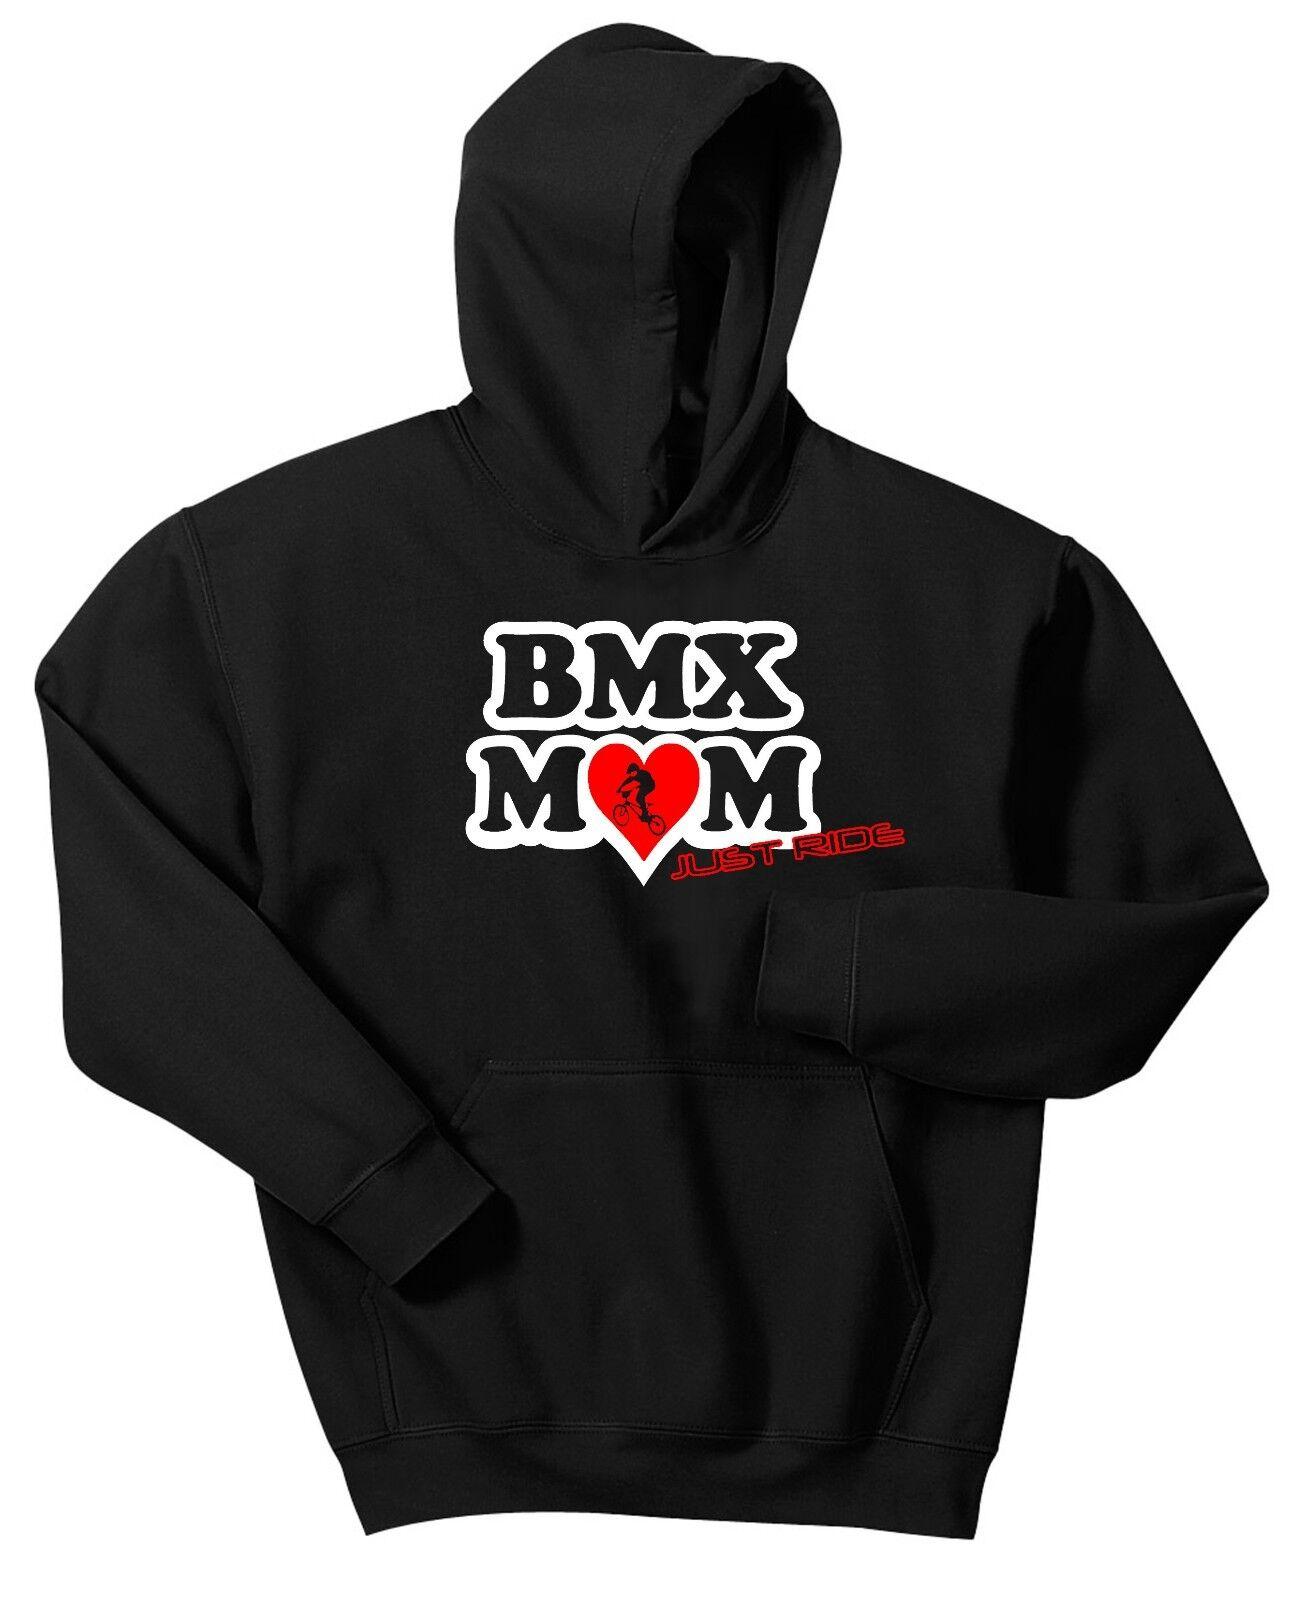 Bmx Mama Kapuzenpulli Sweatshirt Just Ride Pulli Rad Fahrrad Rennen Kink Mum